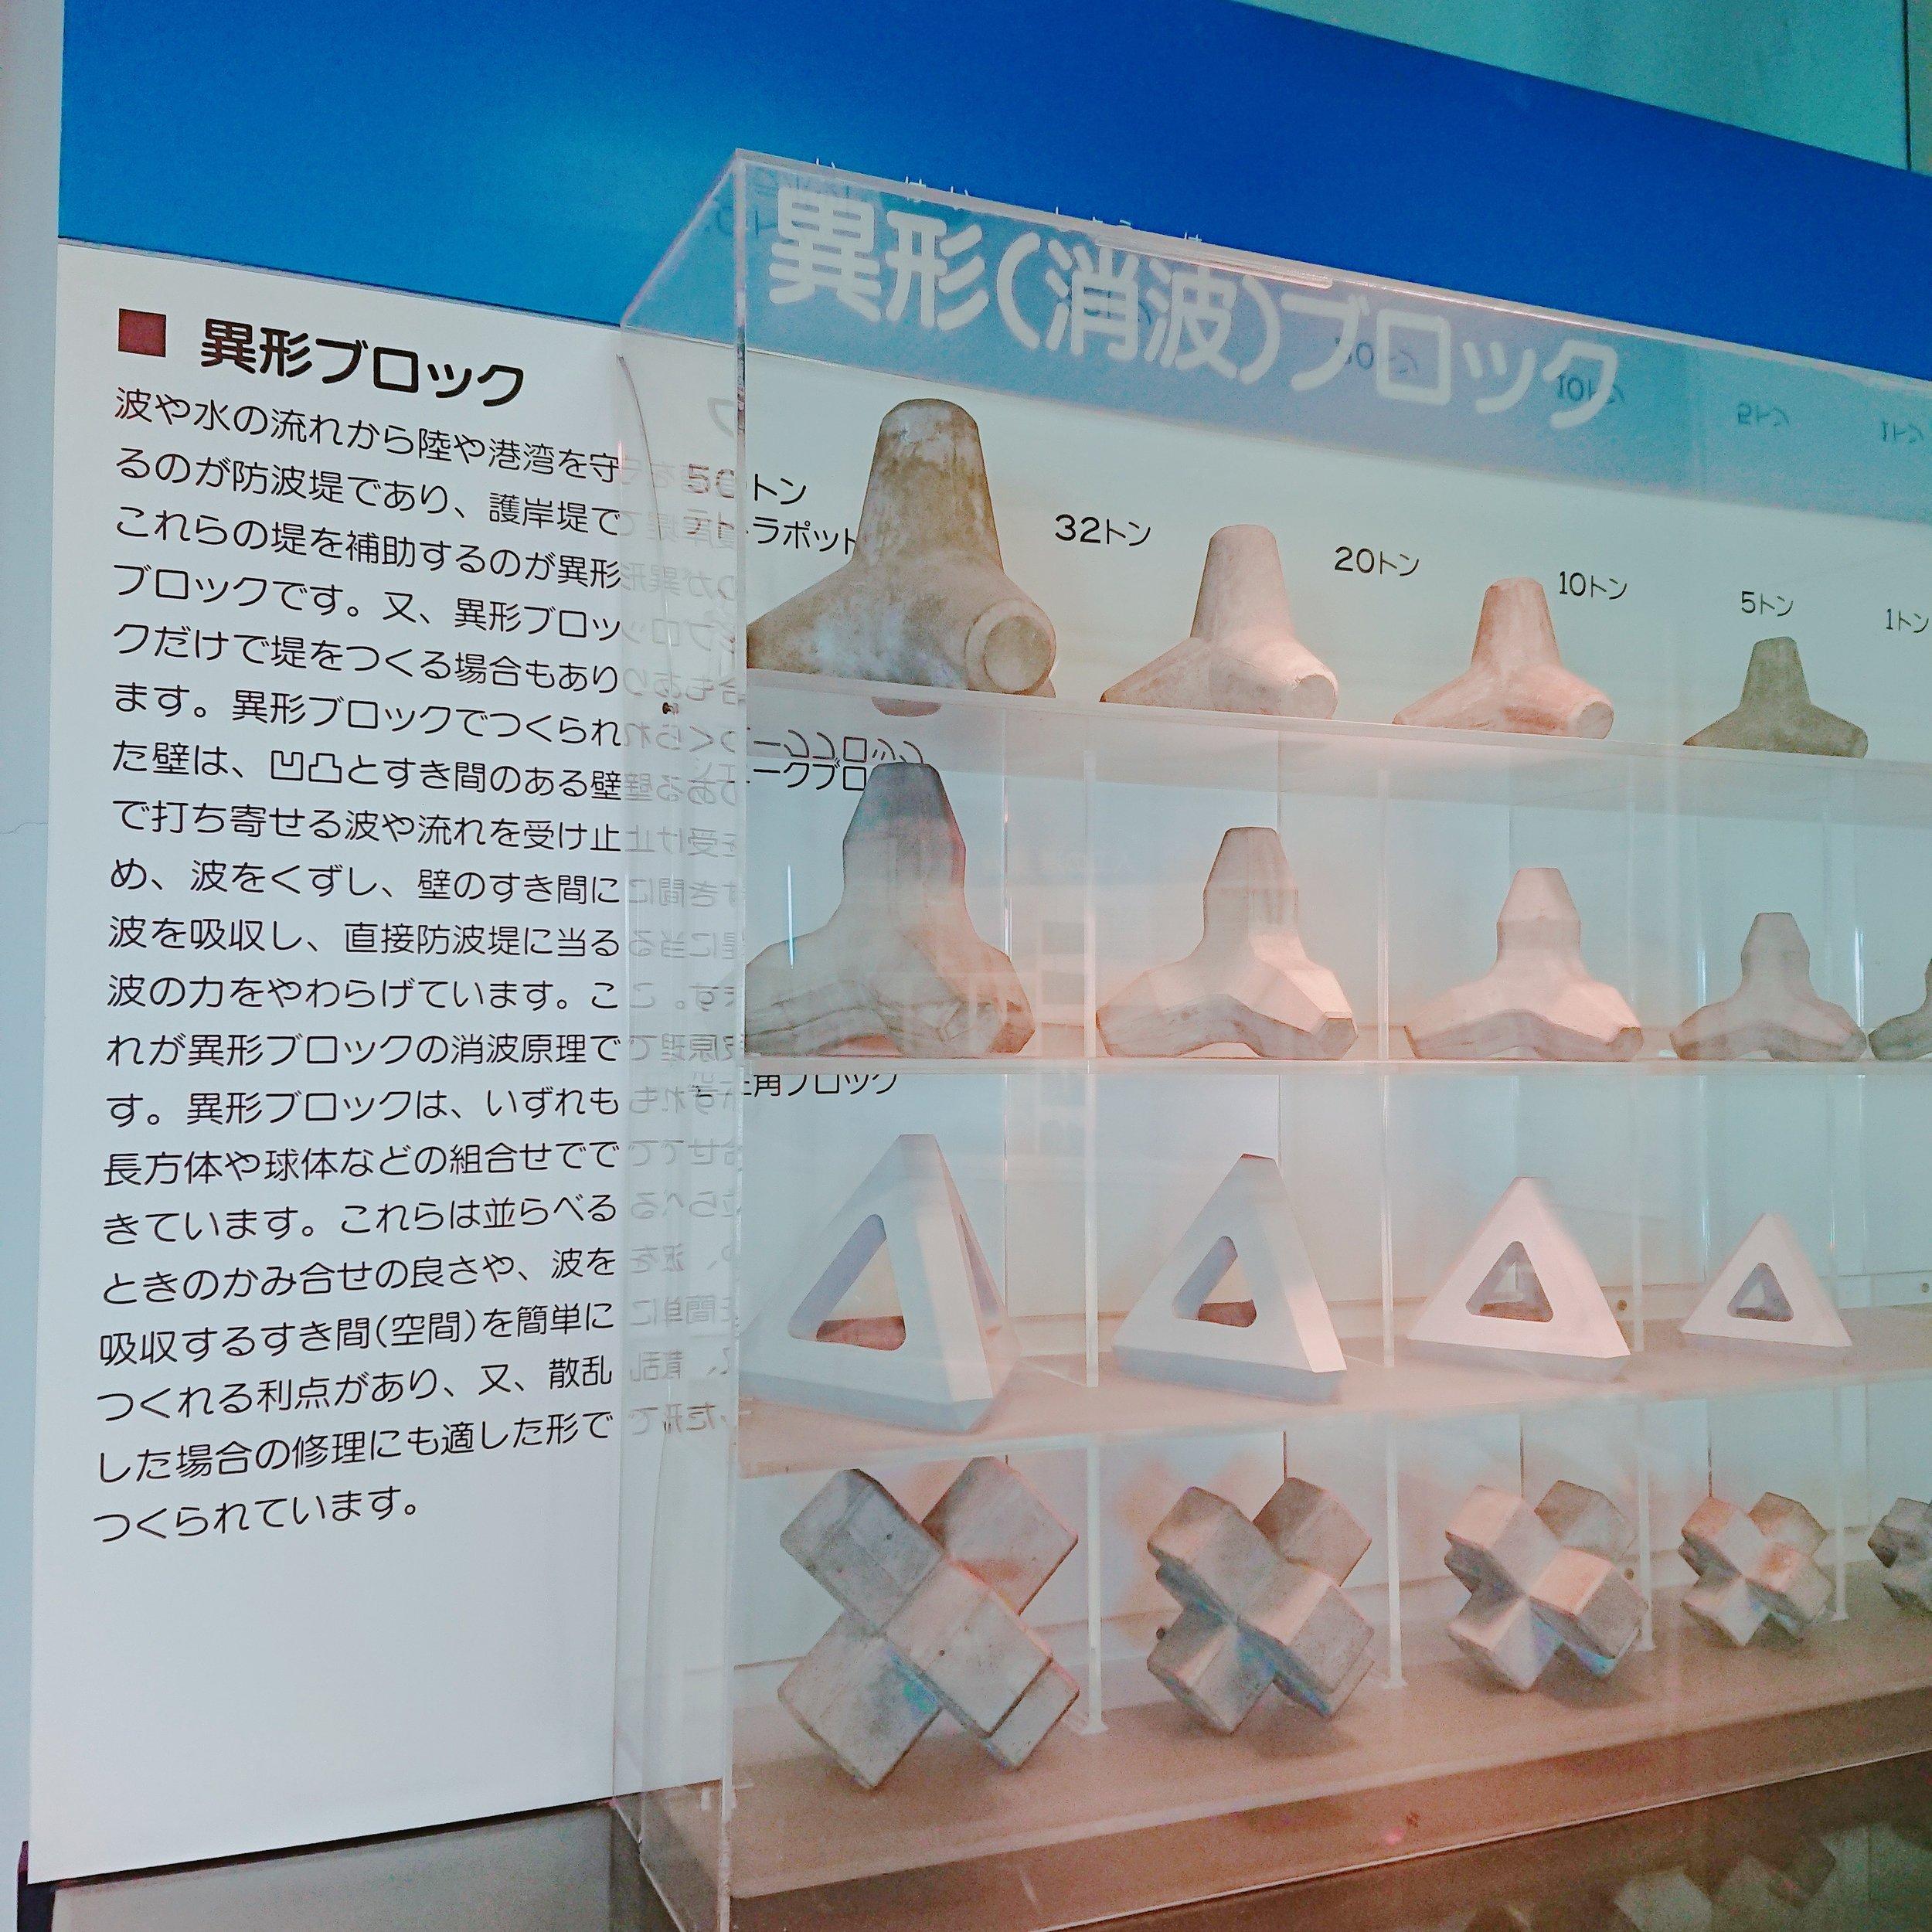 さまざまな形をした異形ブロック